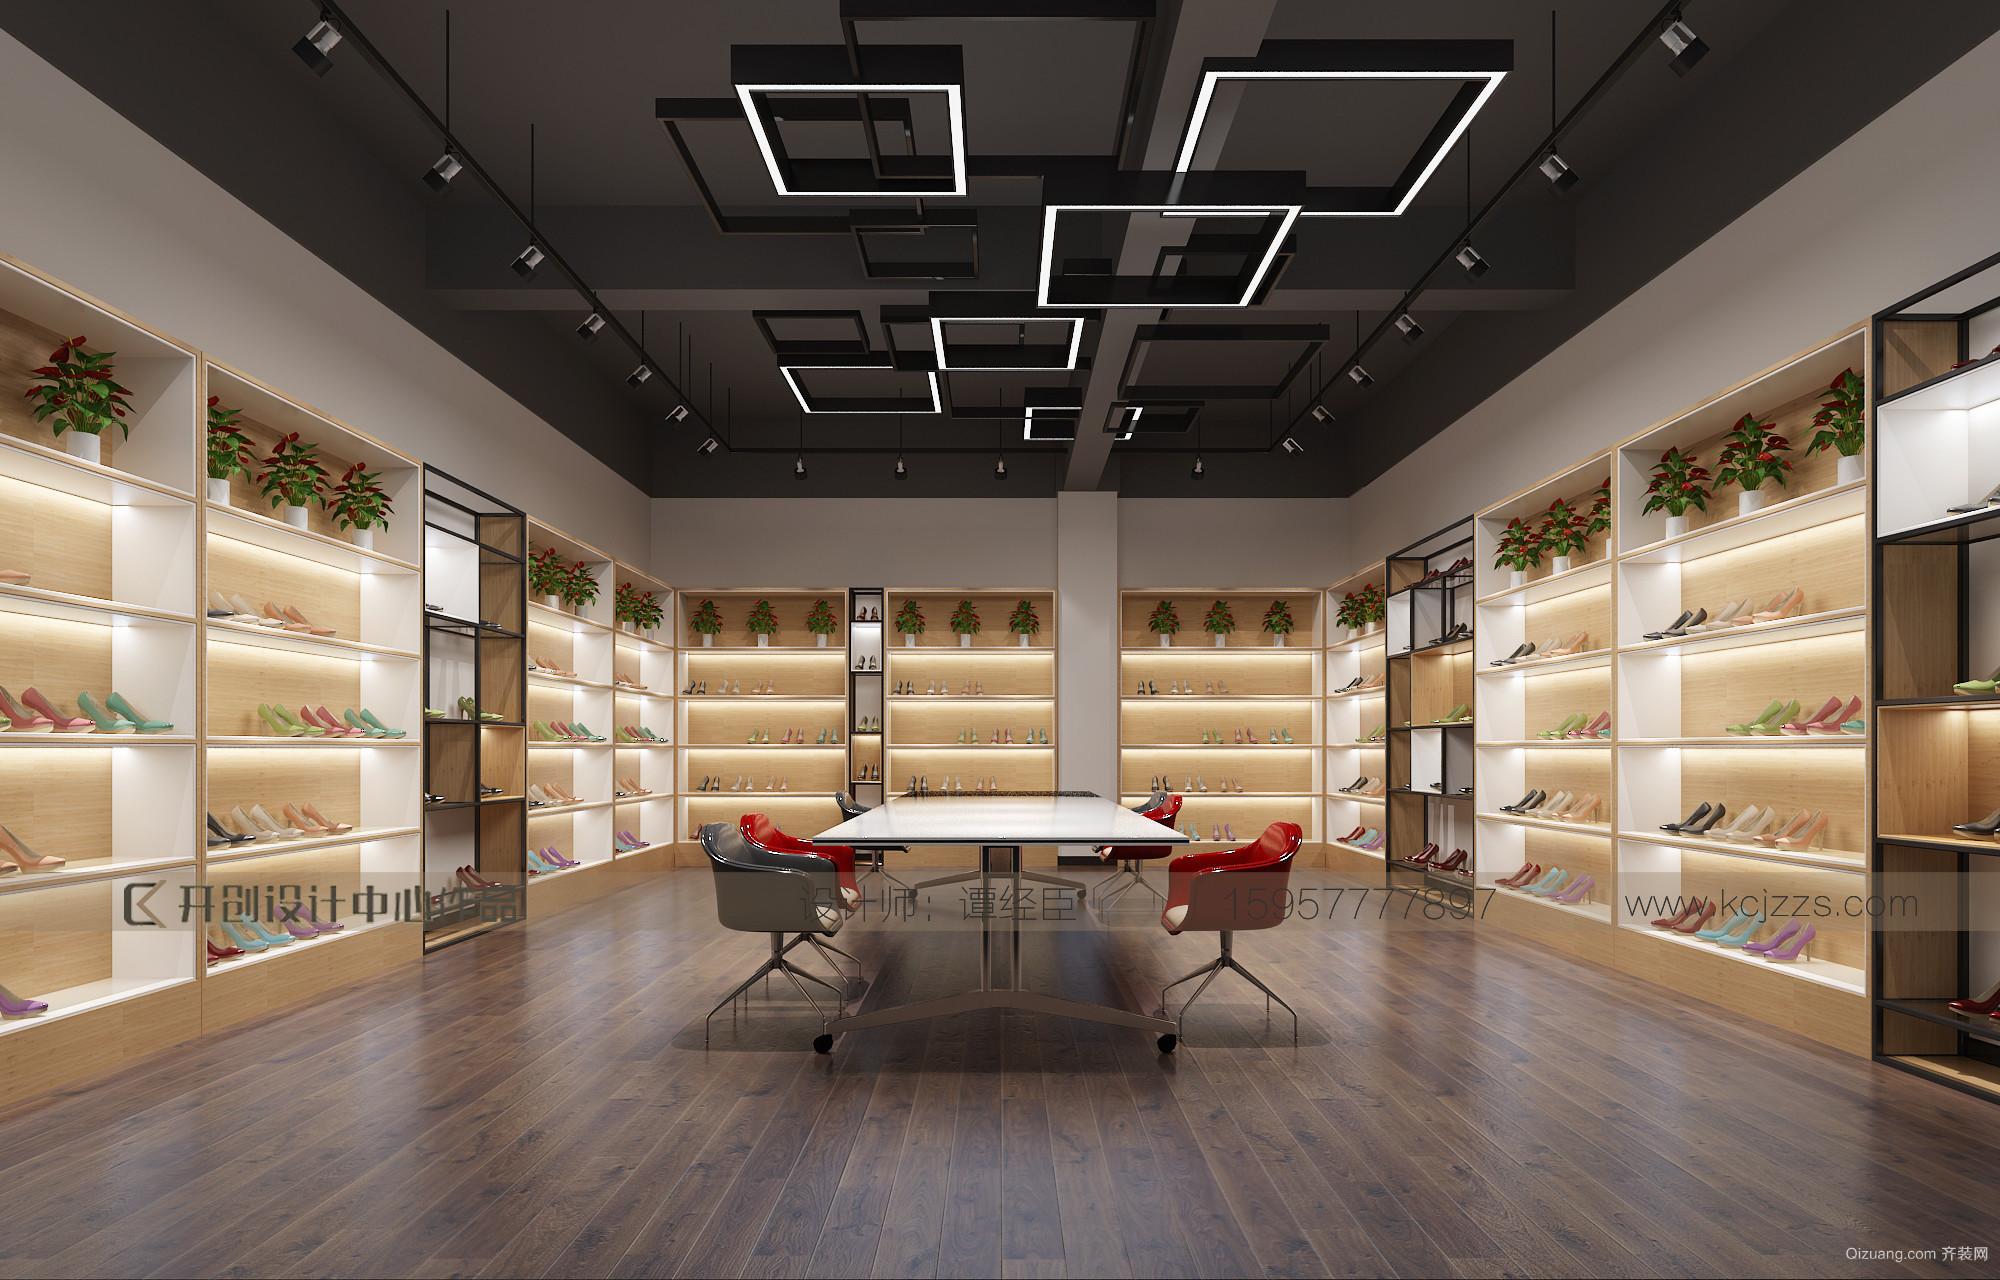 温州宝威贸易有限公司现代简约装修效果图实景图